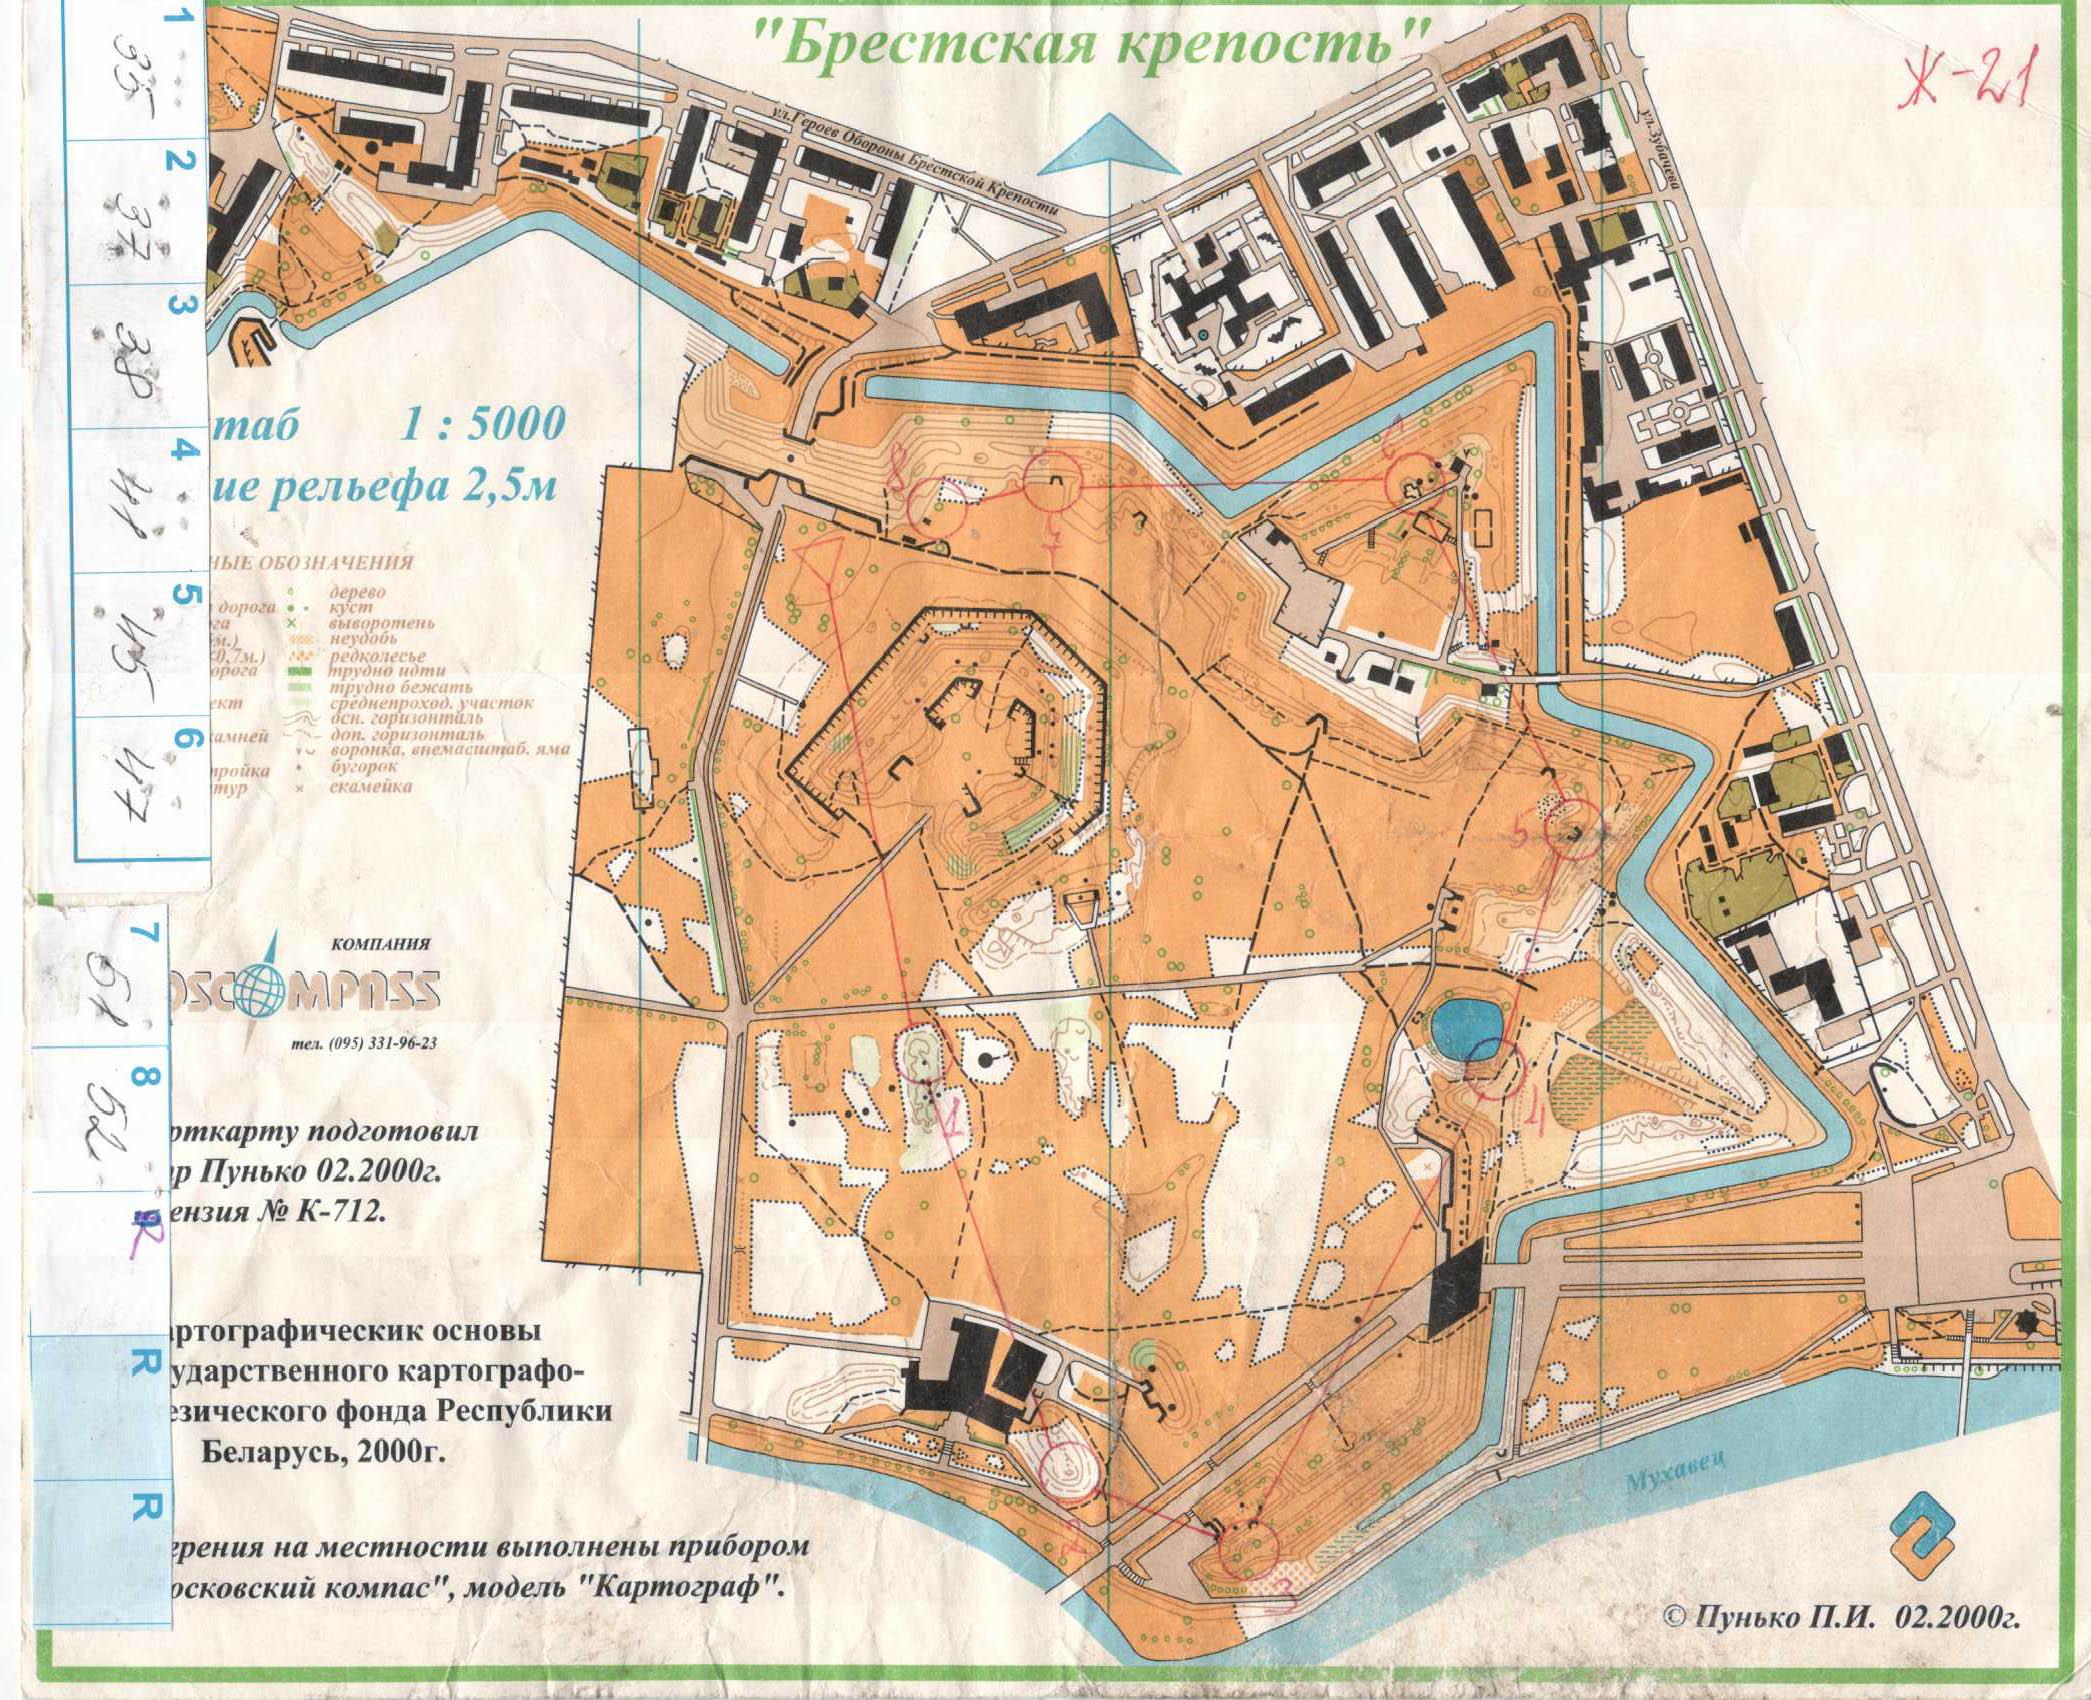 дело том, детальная схема с фотографиями брестской крепости представляют собой комплекс